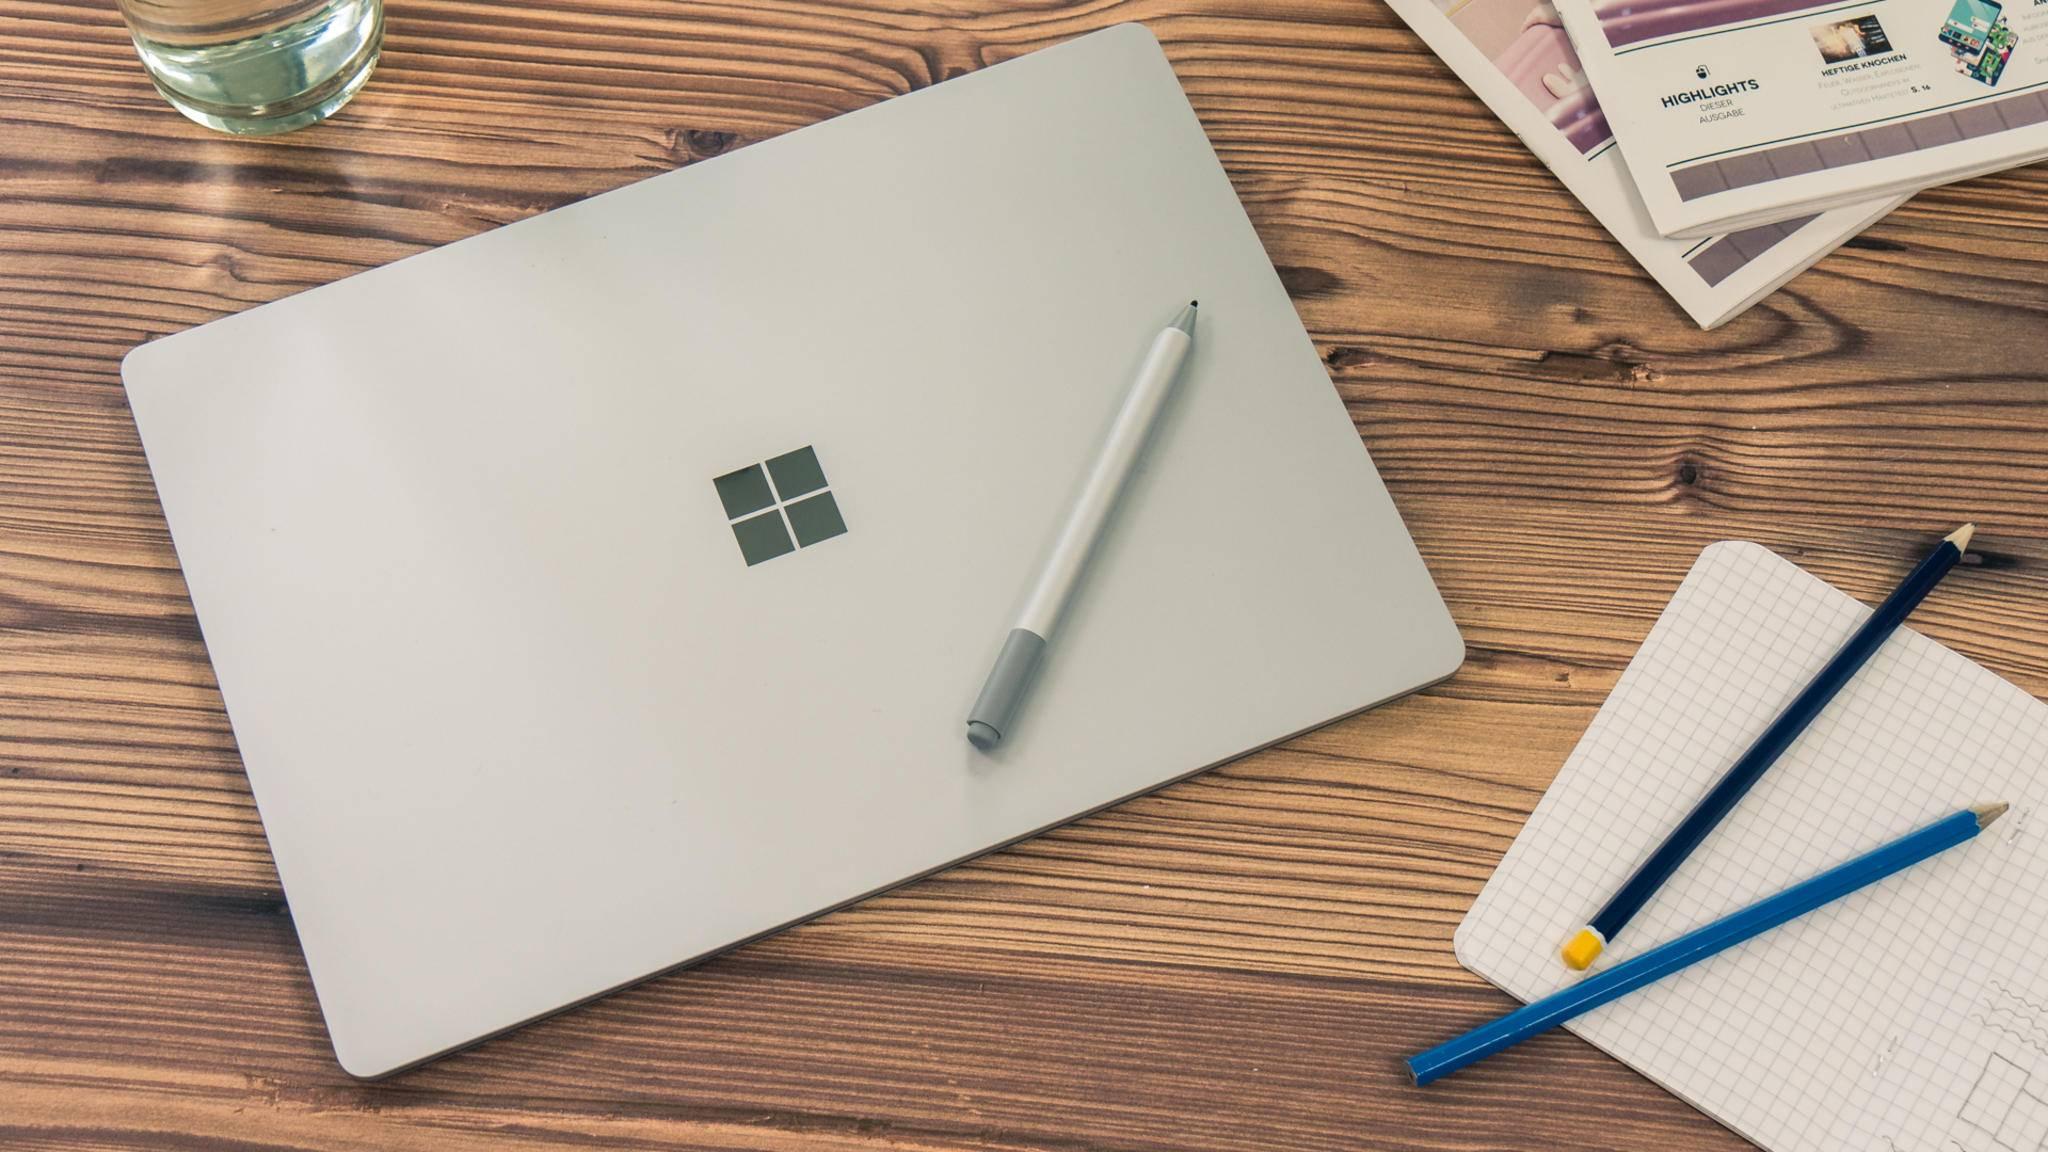 Die Surface-Produkte zaubern in letzter Zeit Sorgenfalten auf die Stirn von Microsoft.